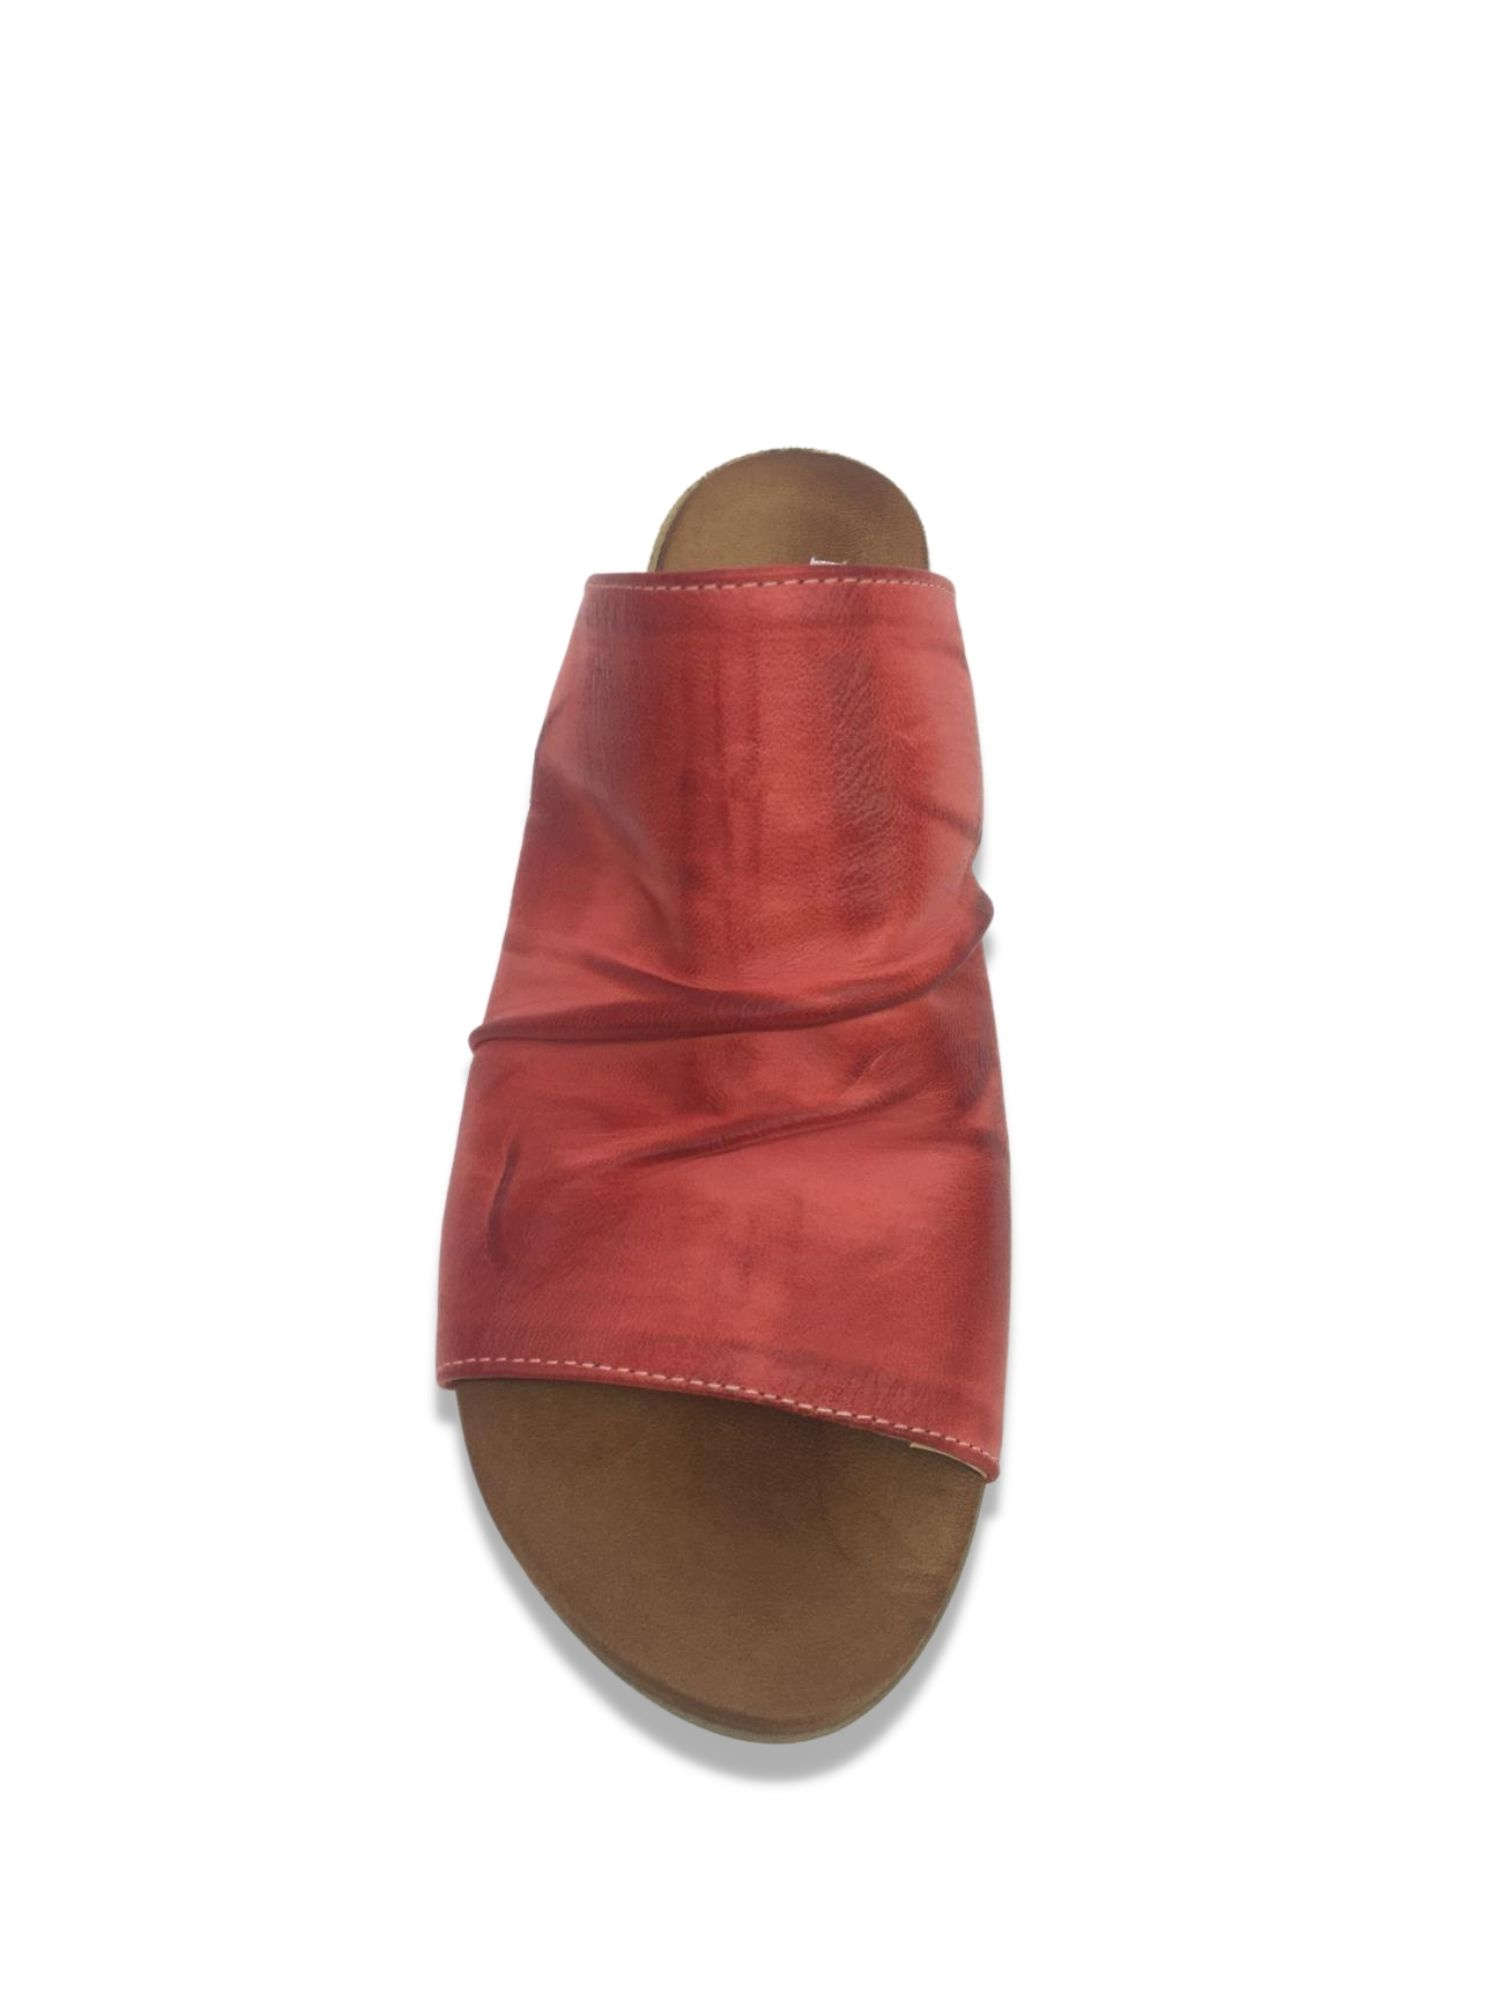 Sandalo Scalzato Made in Italy 207 Rosso alto